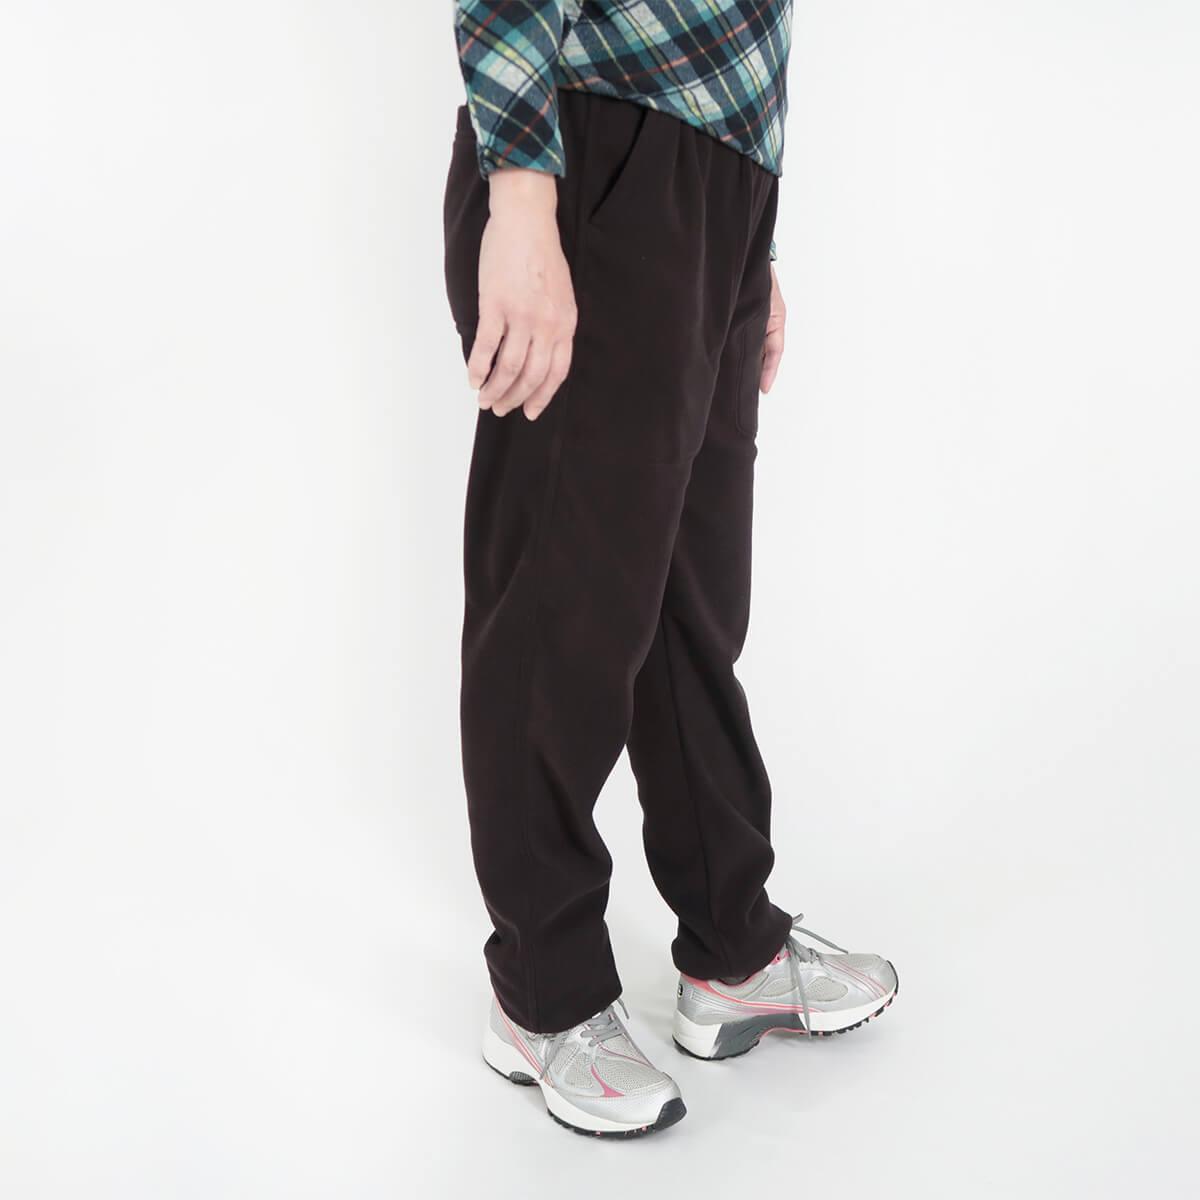 加大尺碼台灣製超細搖粒毛保暖褲 內裡刷毛保暖長褲 保暖棉褲長褲 機能纖維 全腰圍鬆緊帶 一件抵多件 MADE IN TAIWAN WARM FLEECE PANTS FLEECE LINED (020-2805-08)深藍色、(020-2805-19)深咖啡 腰圍M L XL 2L 3L(28~42英吋) 男女可穿 [實體店面保障] sun-e 1